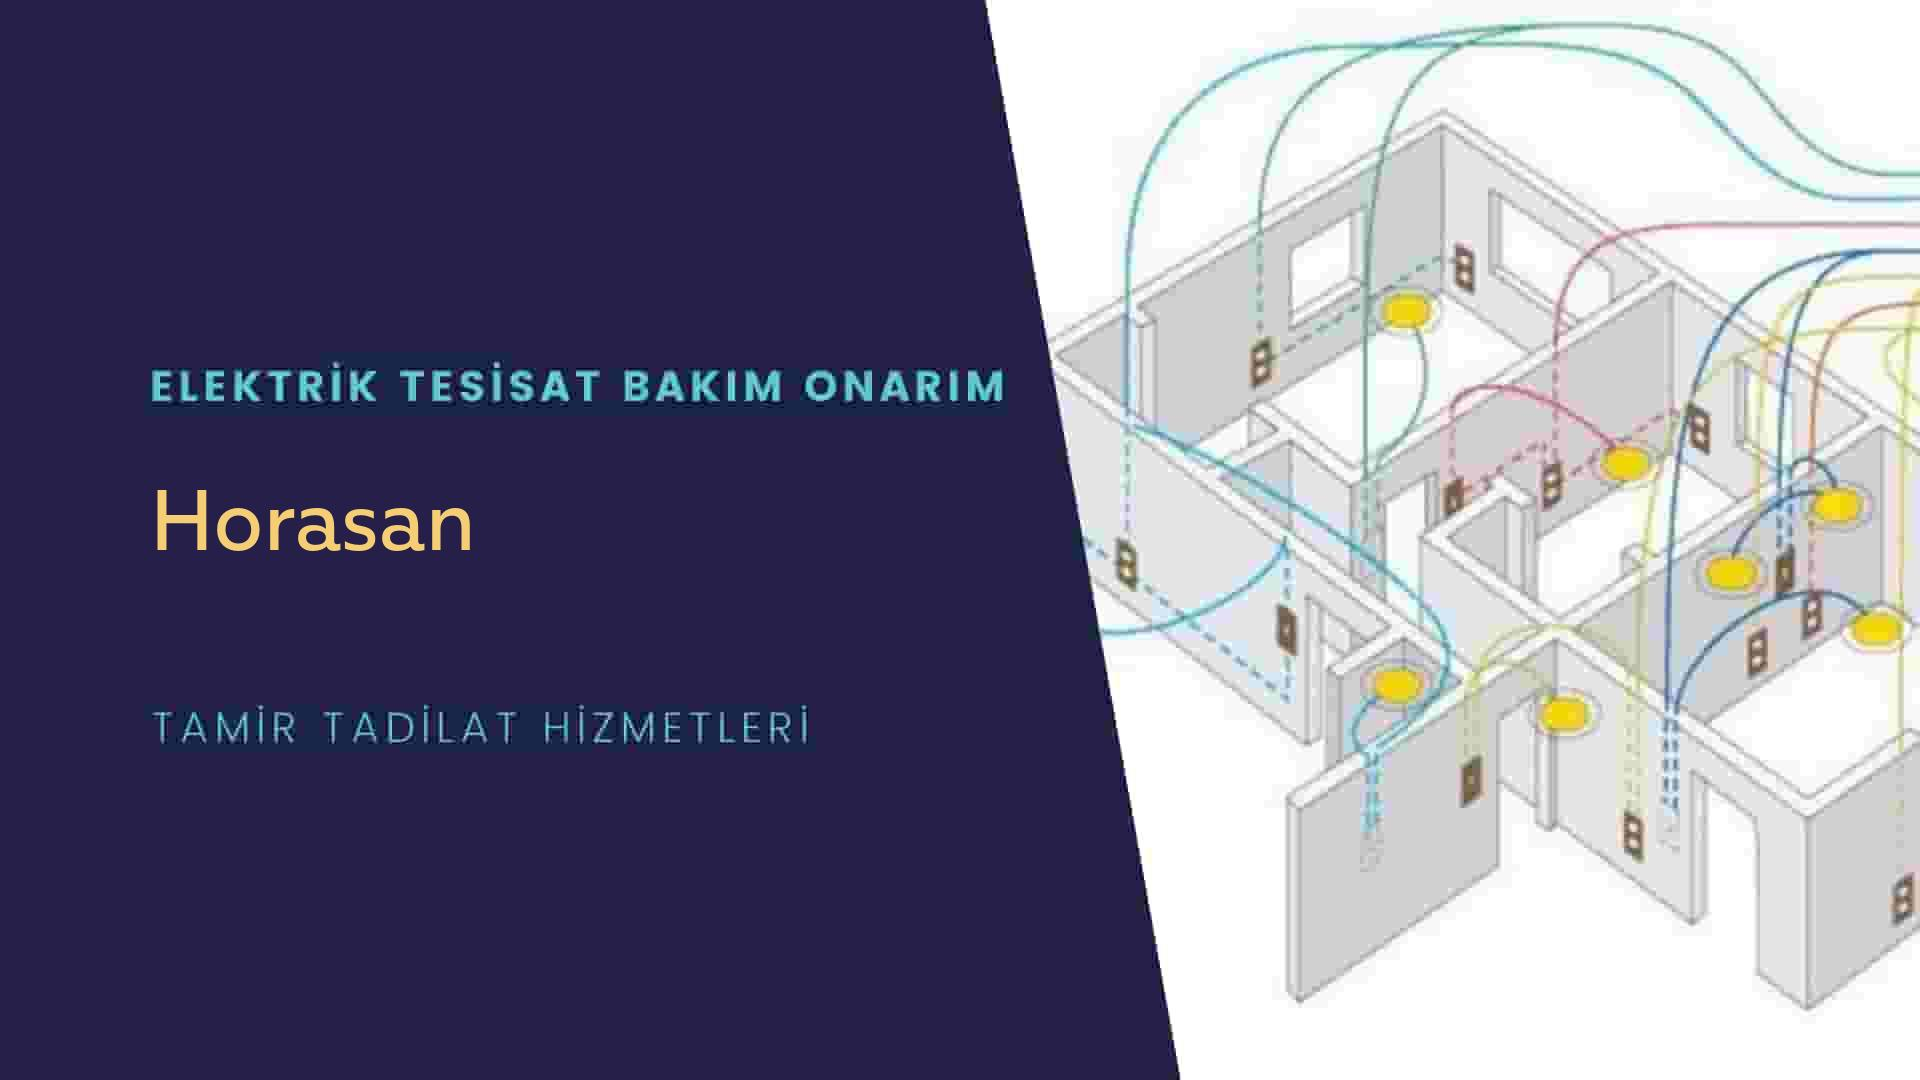 Horasan'da elektrik tesisatıustalarımı arıyorsunuz doğru adrestenizi Horasan elektrik tesisatı ustalarımız 7/24 sizlere hizmet vermekten mutluluk duyar.